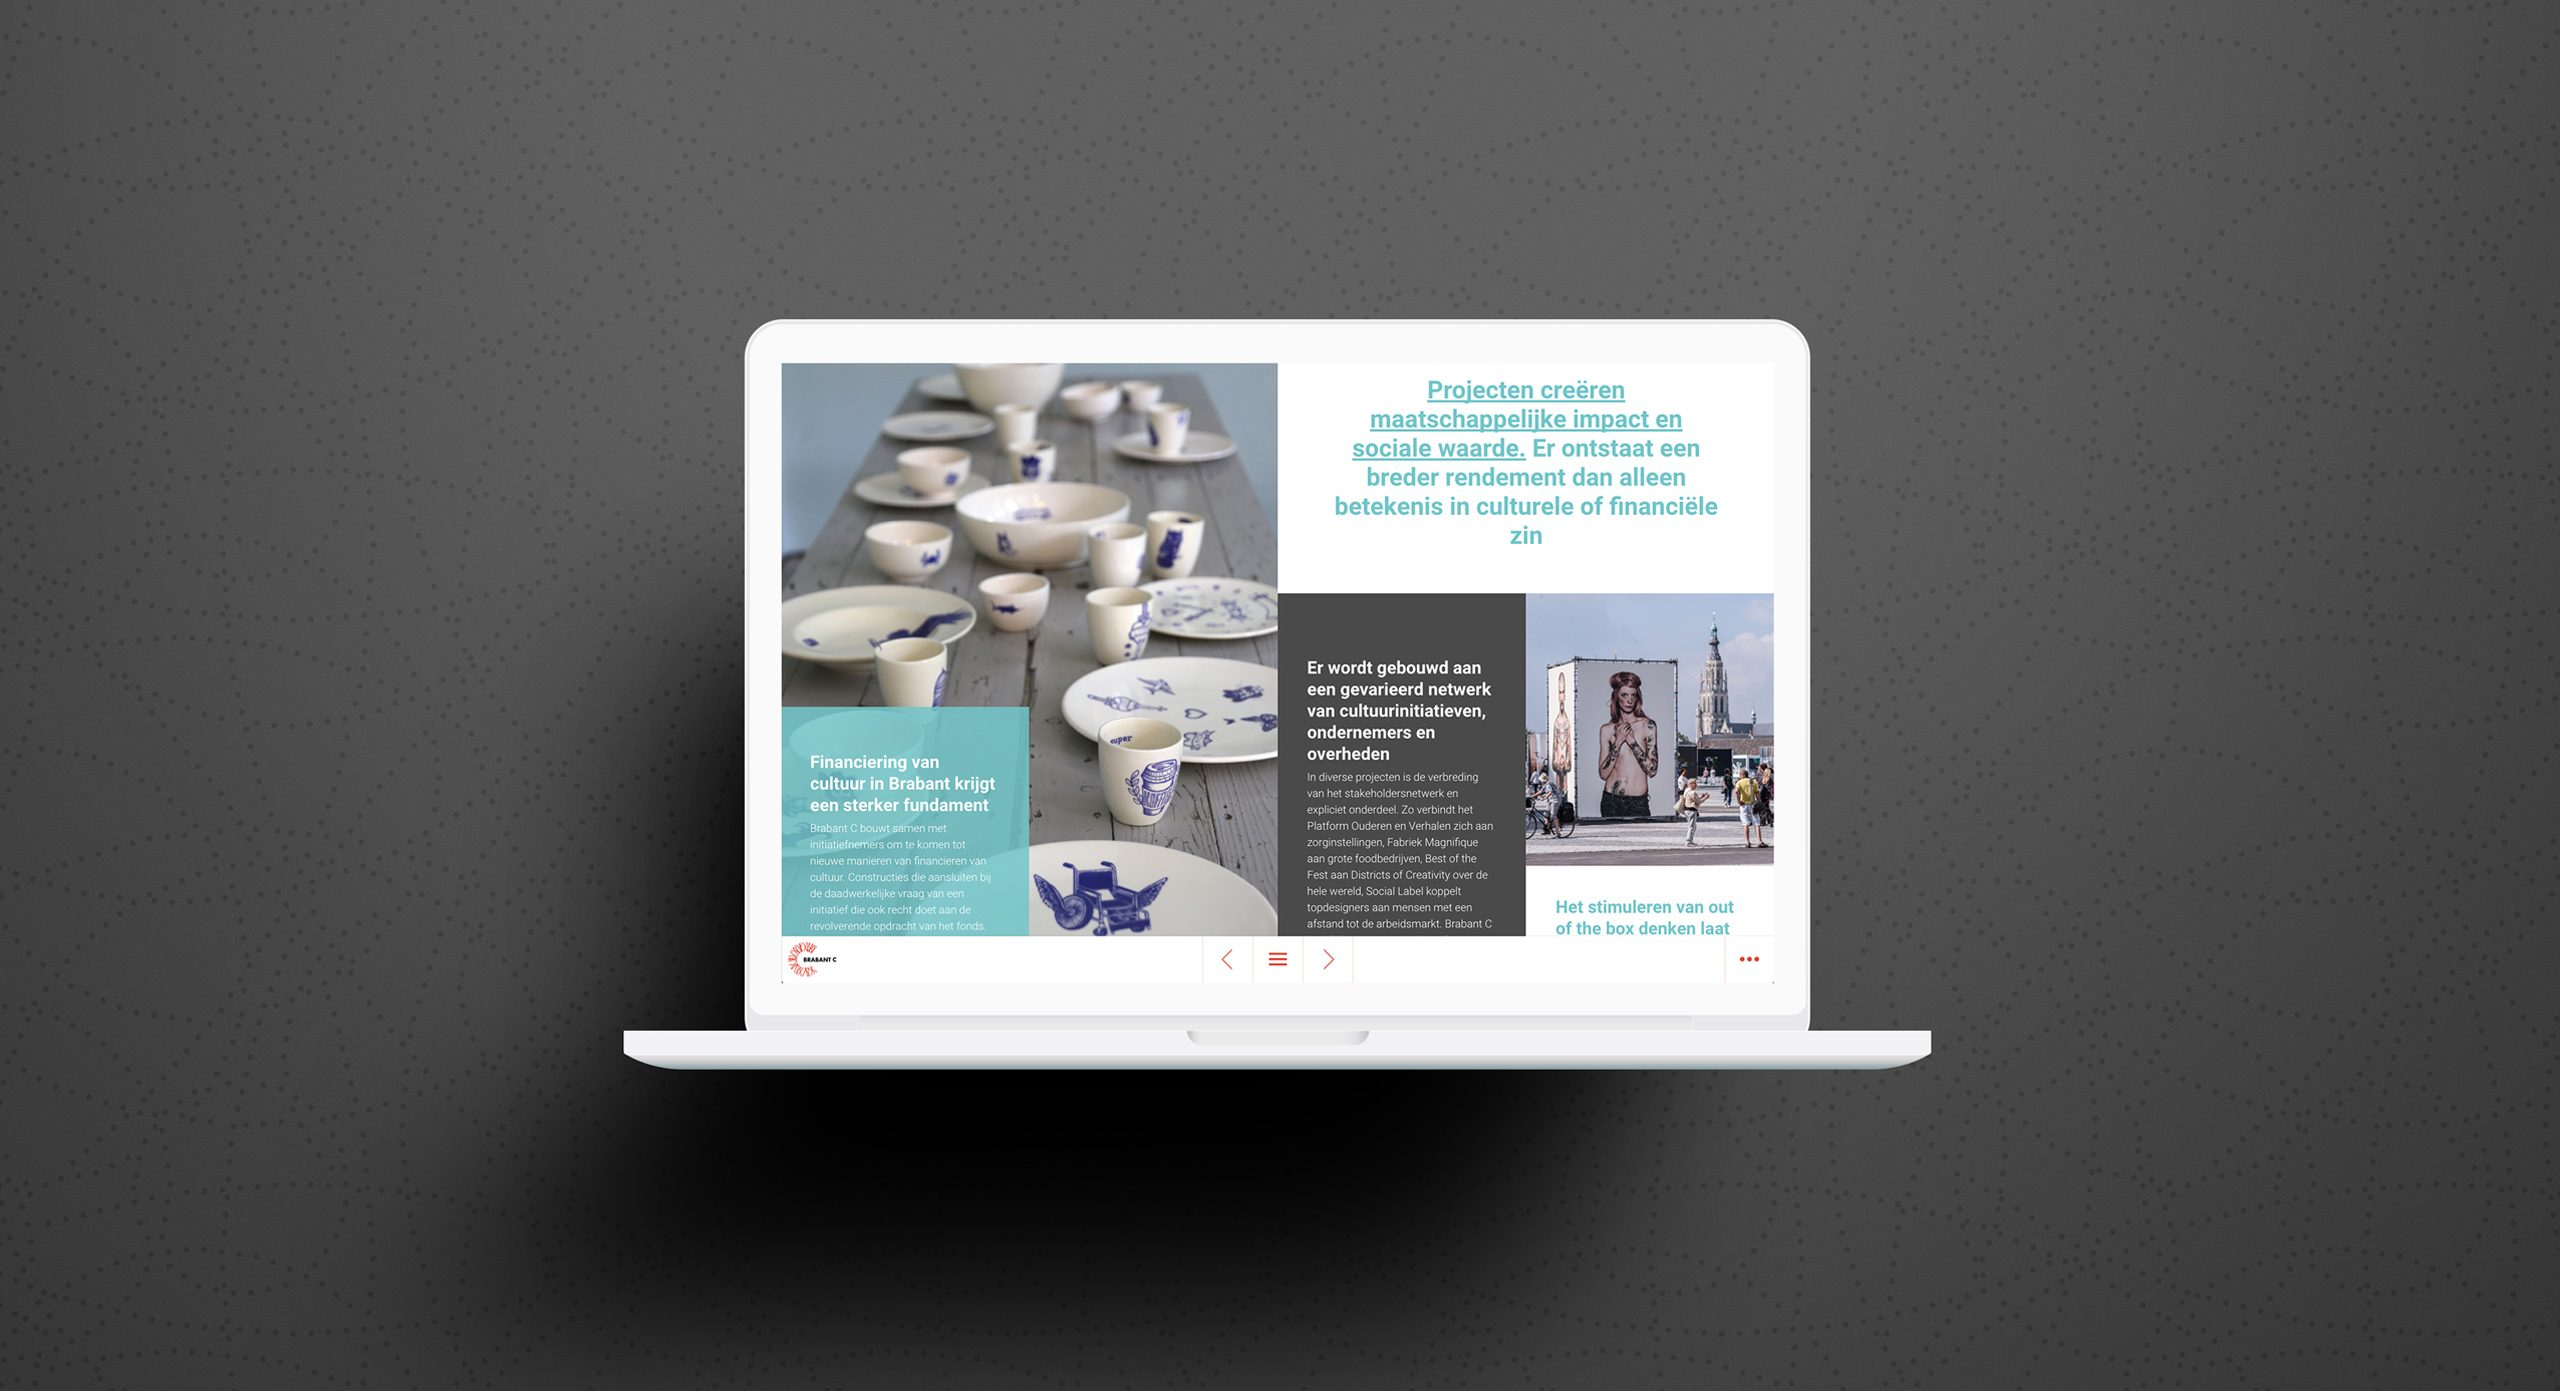 Responsive-online-magazine-jaarverslag-brabantc-digitaal-jaarverslag-dutchgiraffe-2016-03